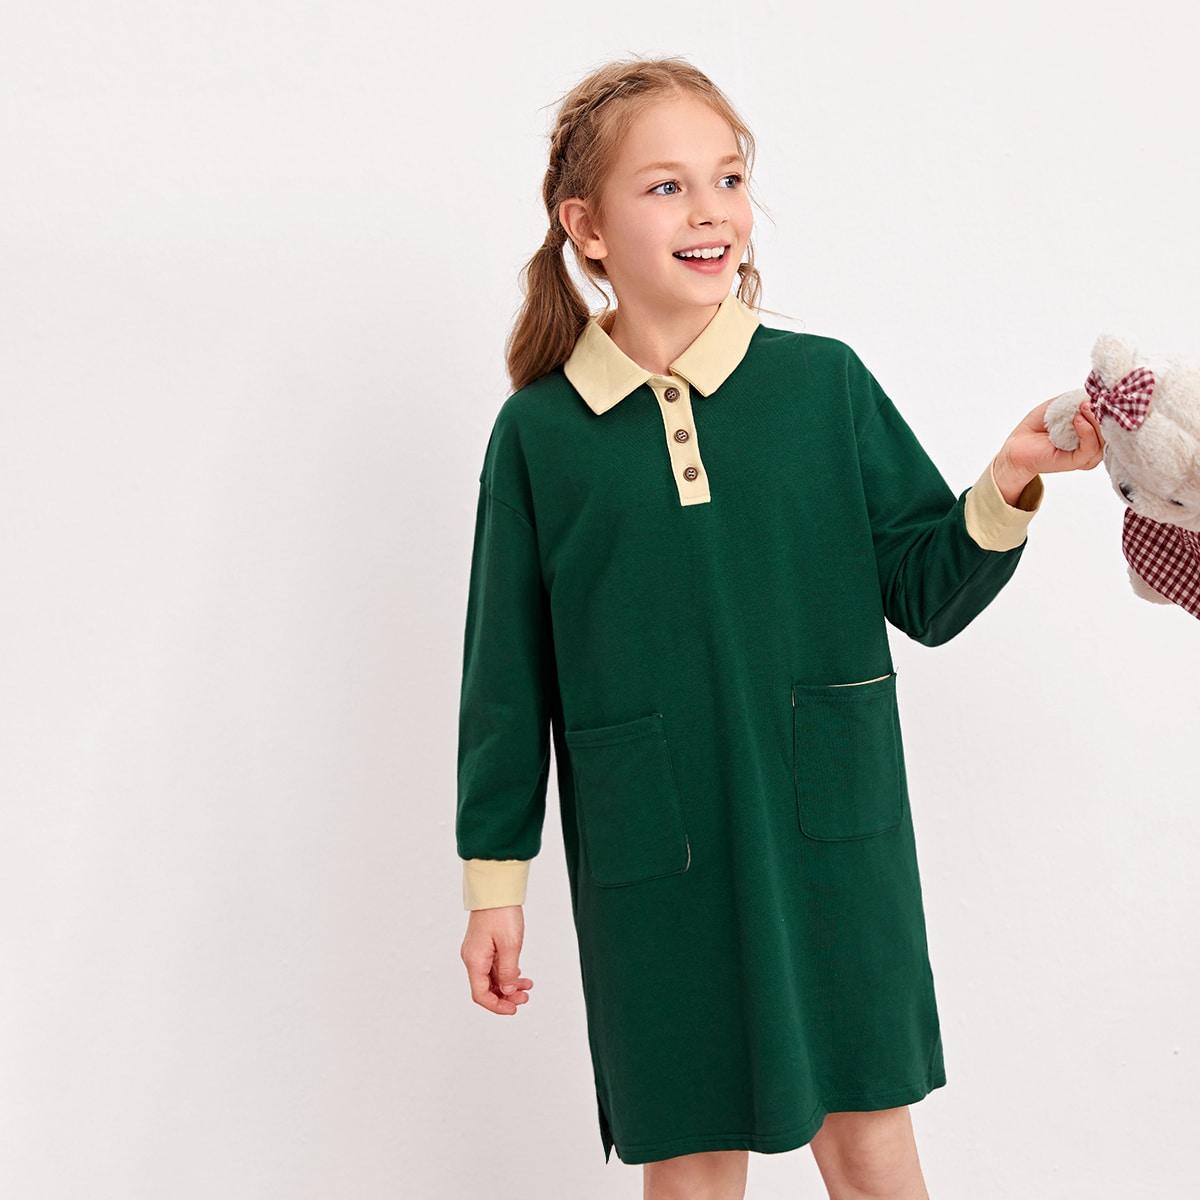 Пуговица контрастный цвет повседневный домашняя одежда для девочек